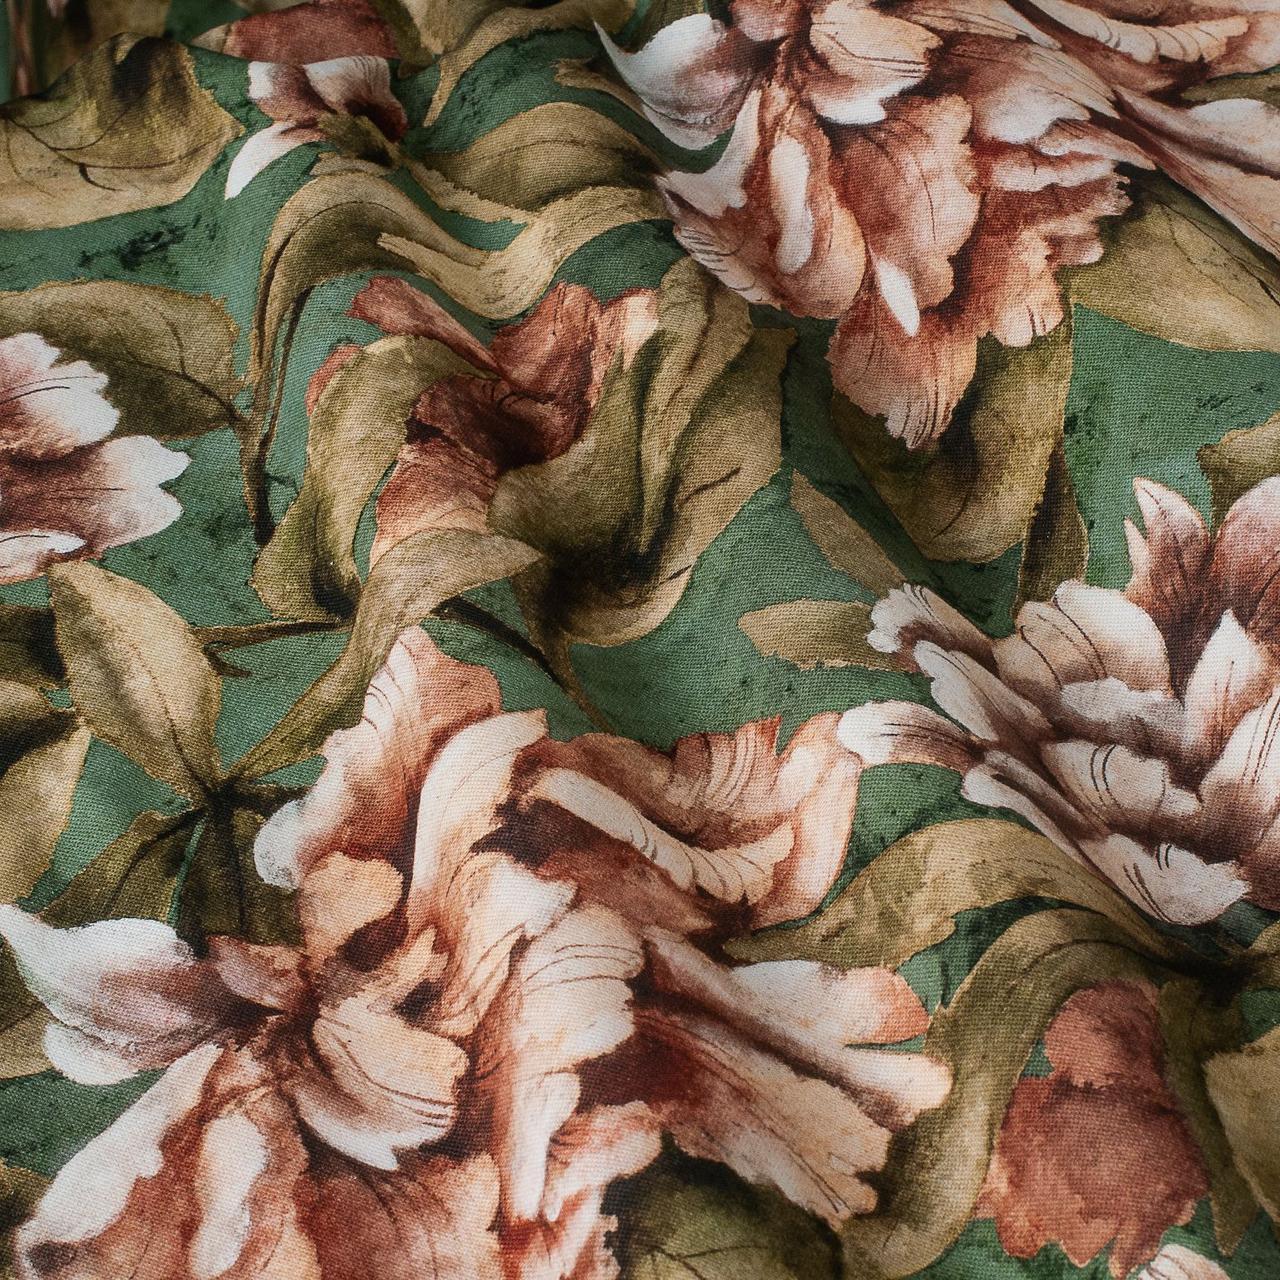 Декоративная ткань оранжевые цветы с листьями на зеленом фоне Испания  87871v4